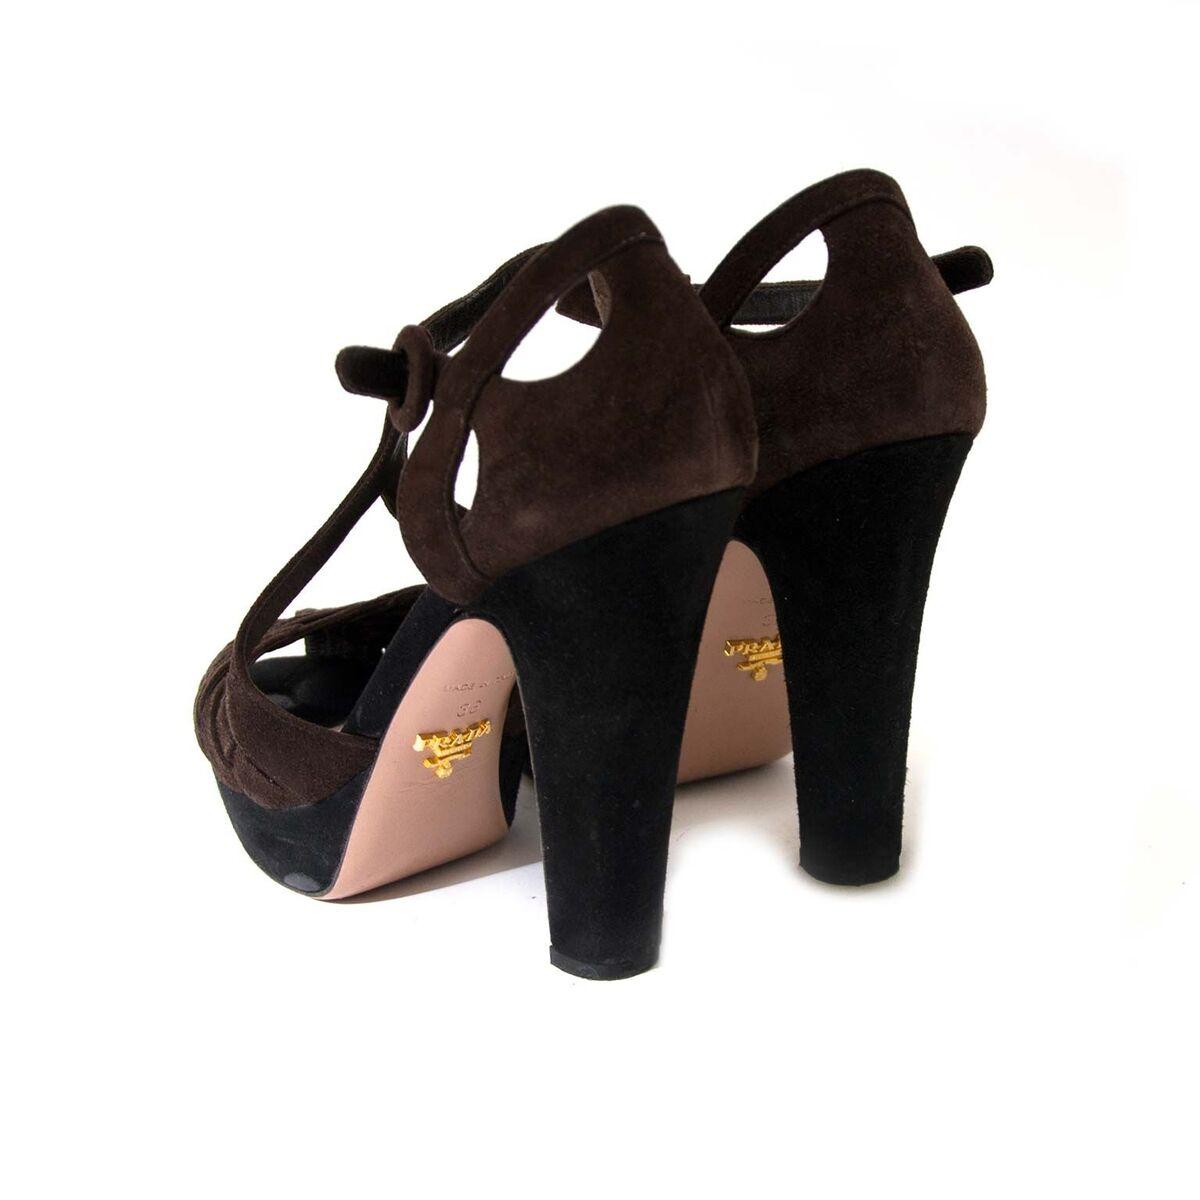 Koop authentieke tweedehands Prada hakken aan een eerlijke prijs bij LabelLOV. Veilig online shoppen.